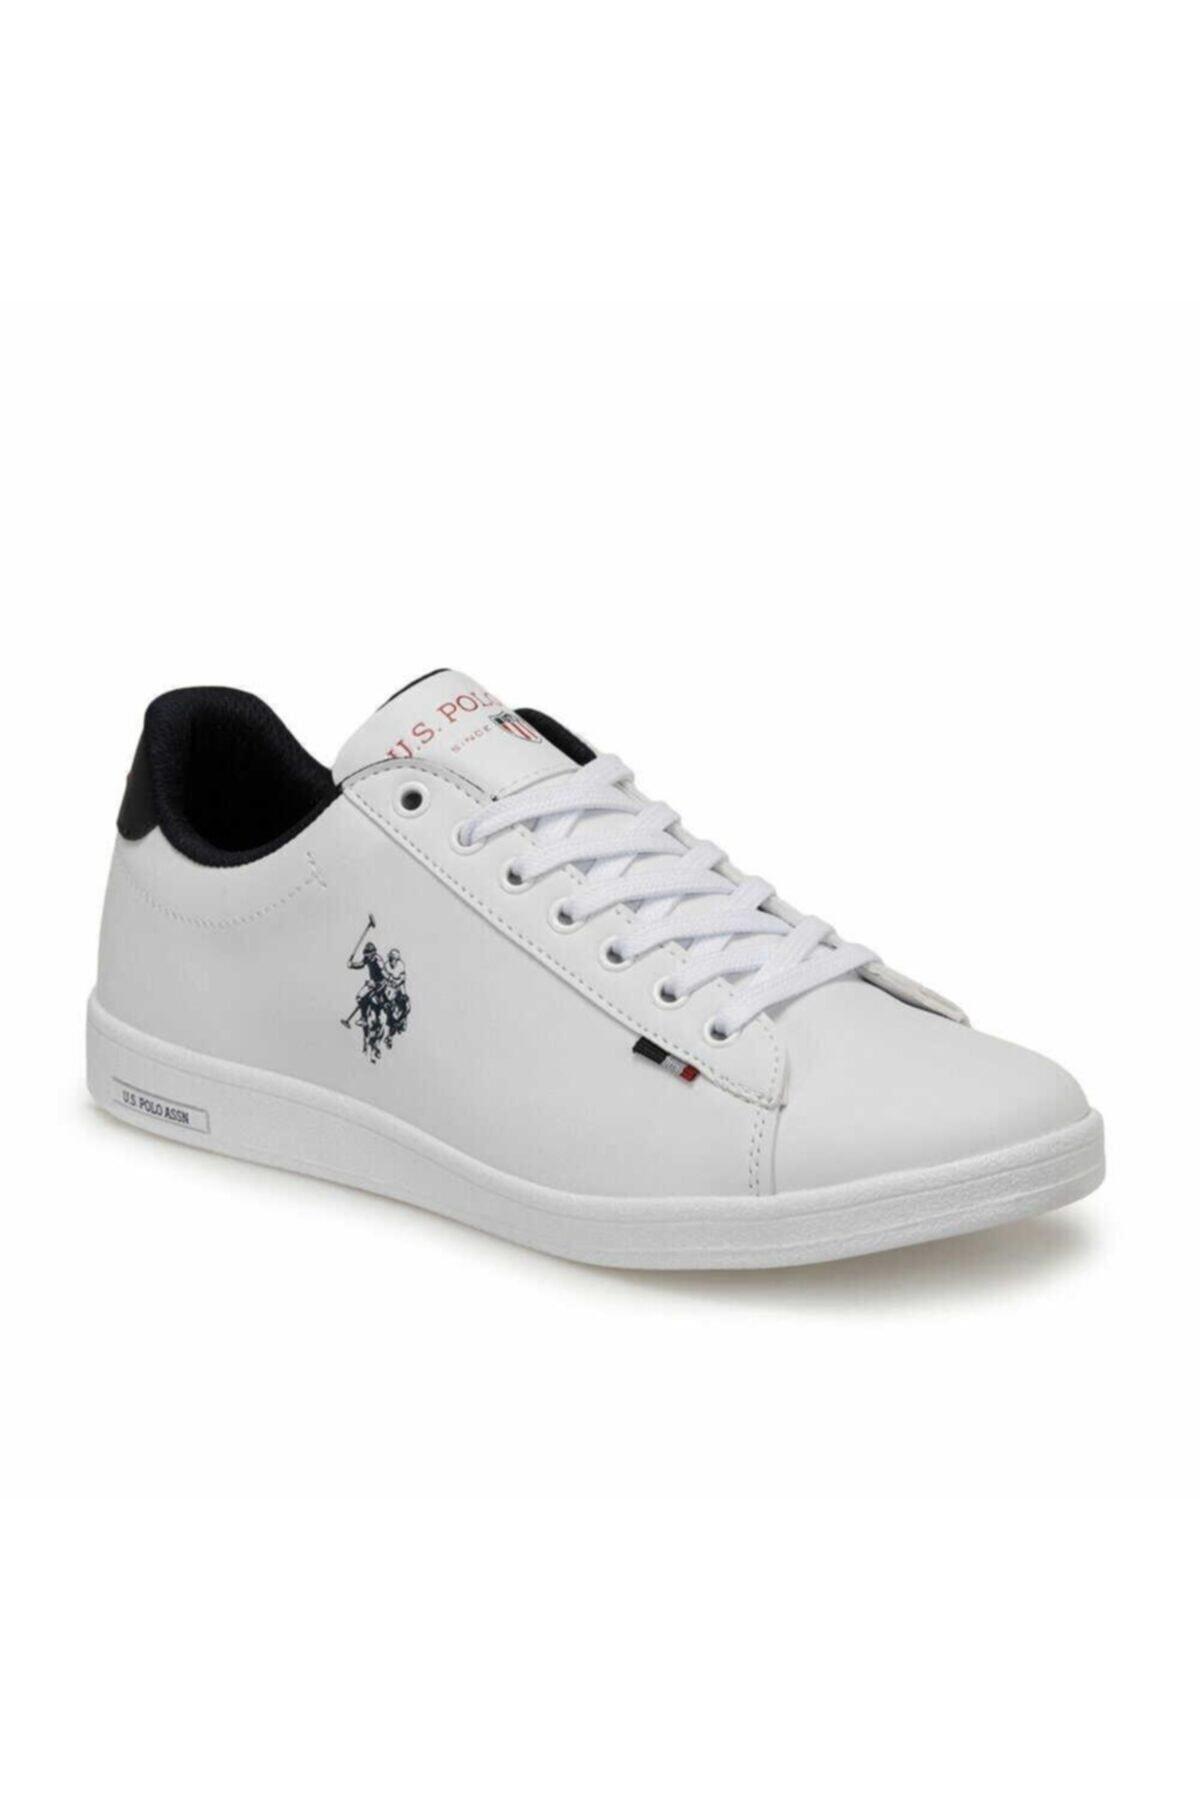 U.S. Polo Assn. Erkek Beyaz Franco Günlük Spor Ayakkabı 2